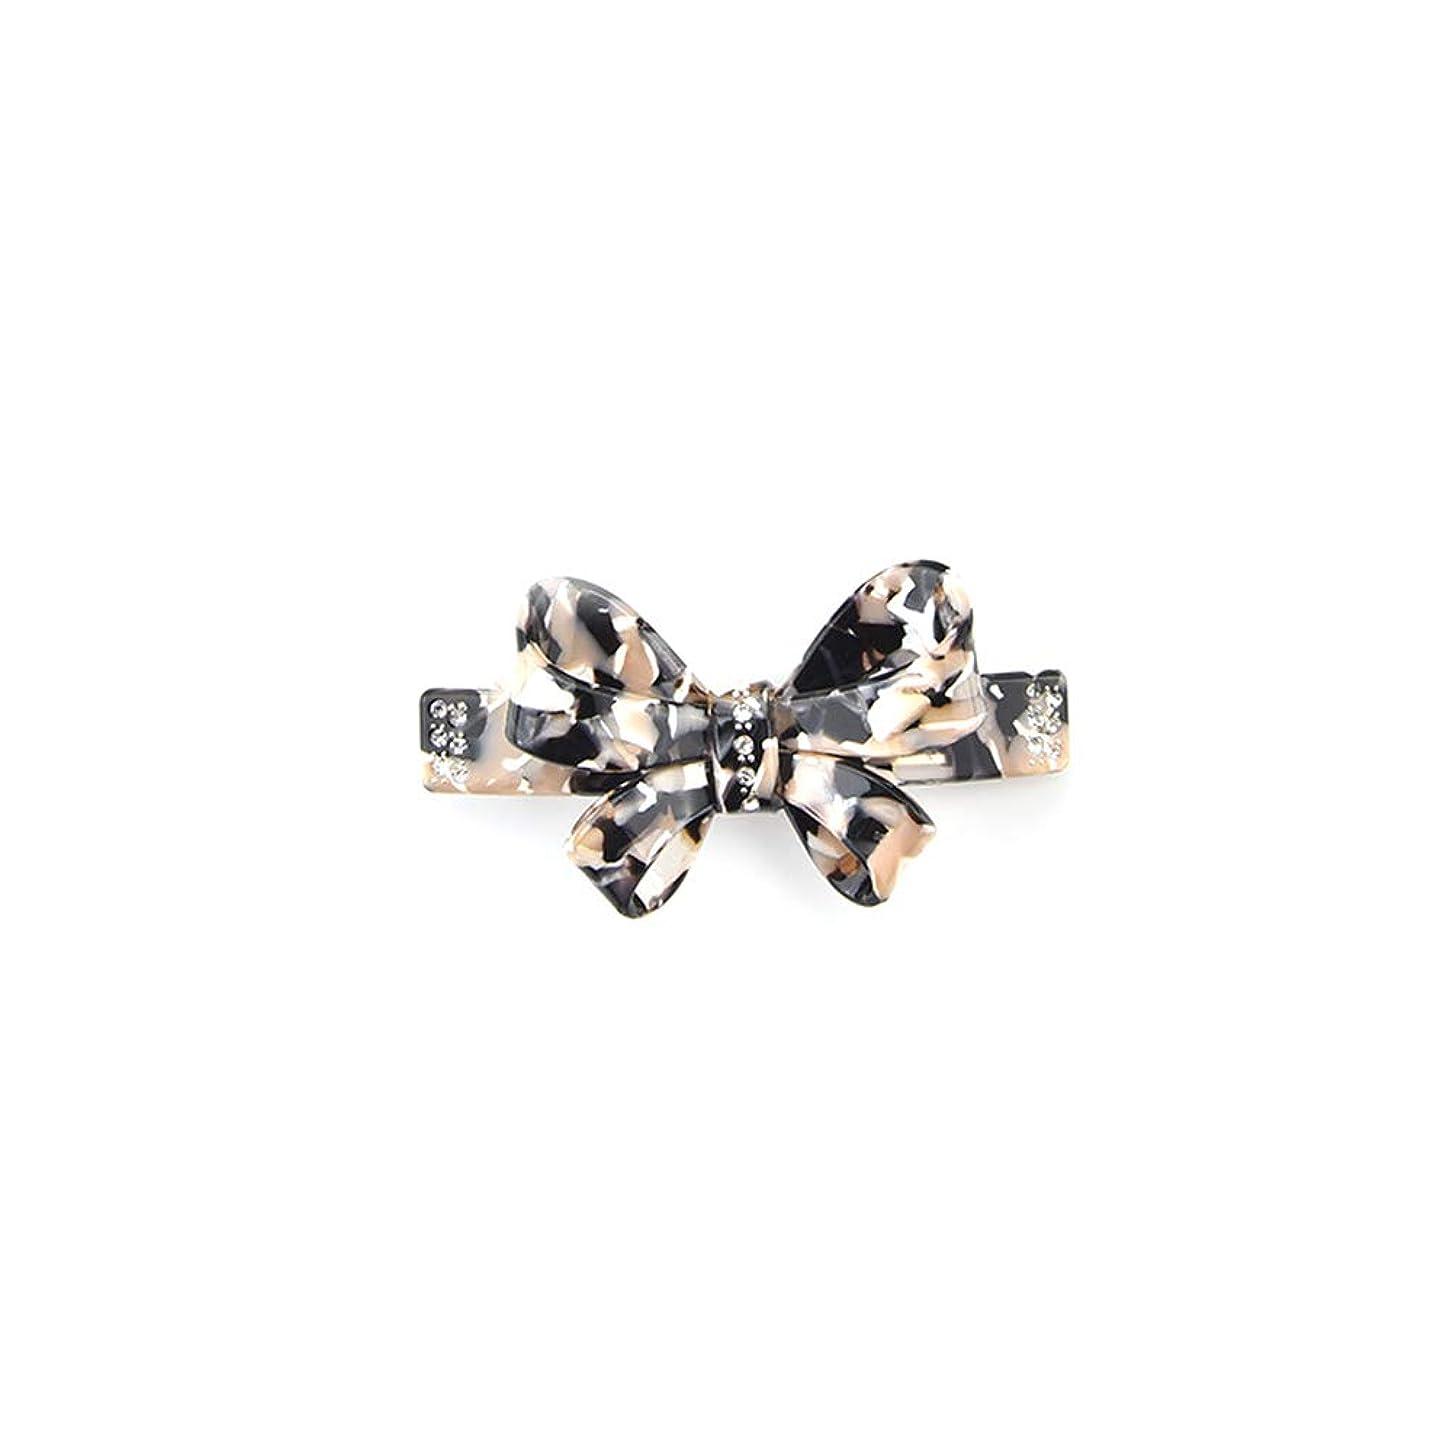 可聴ピアノカバーヘアピン弓ダイヤモンドスプリングクリップクラシックジュエリーヘアアクセサリーシンプルヘアクリップ,B